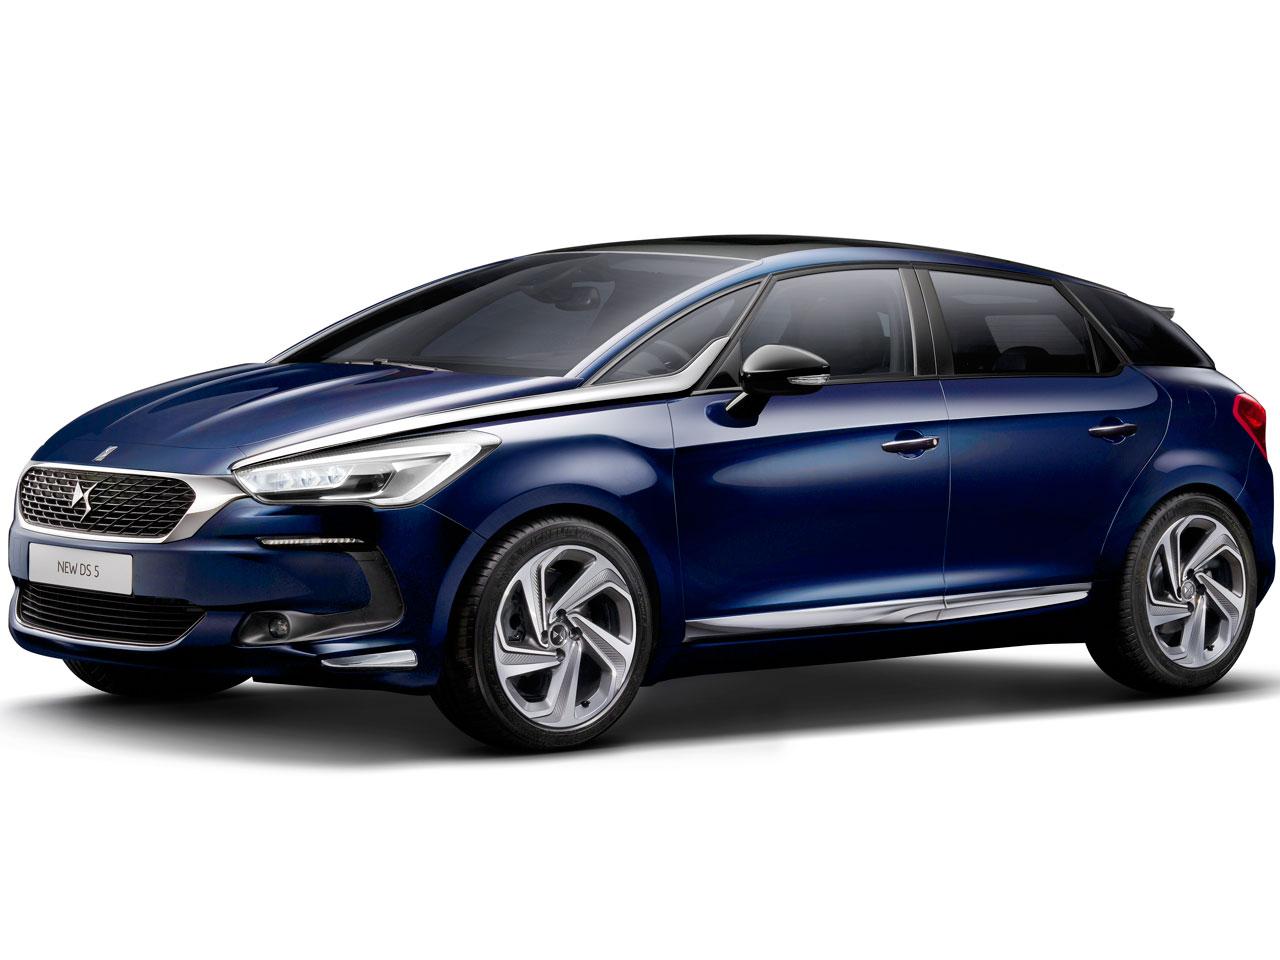 シトロエン DS5 2012年モデル 新車画像